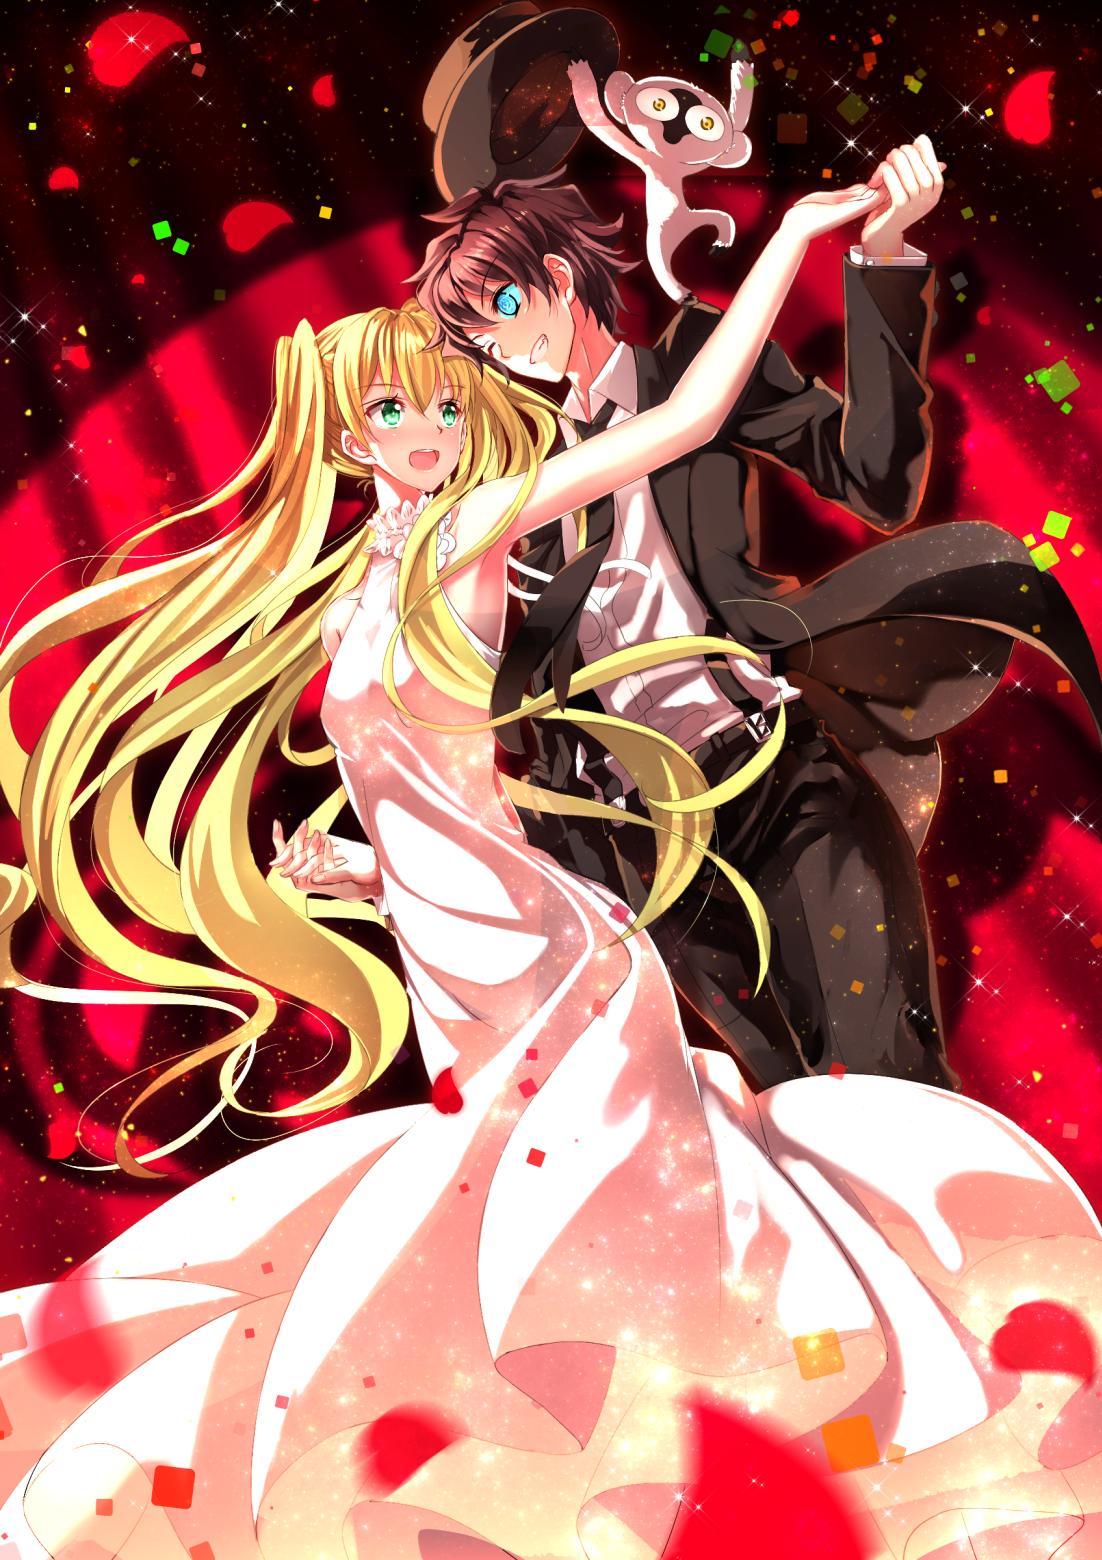 Ghim của Mohd Fikry trên Your Pinterest Likes Anime, Ảnh